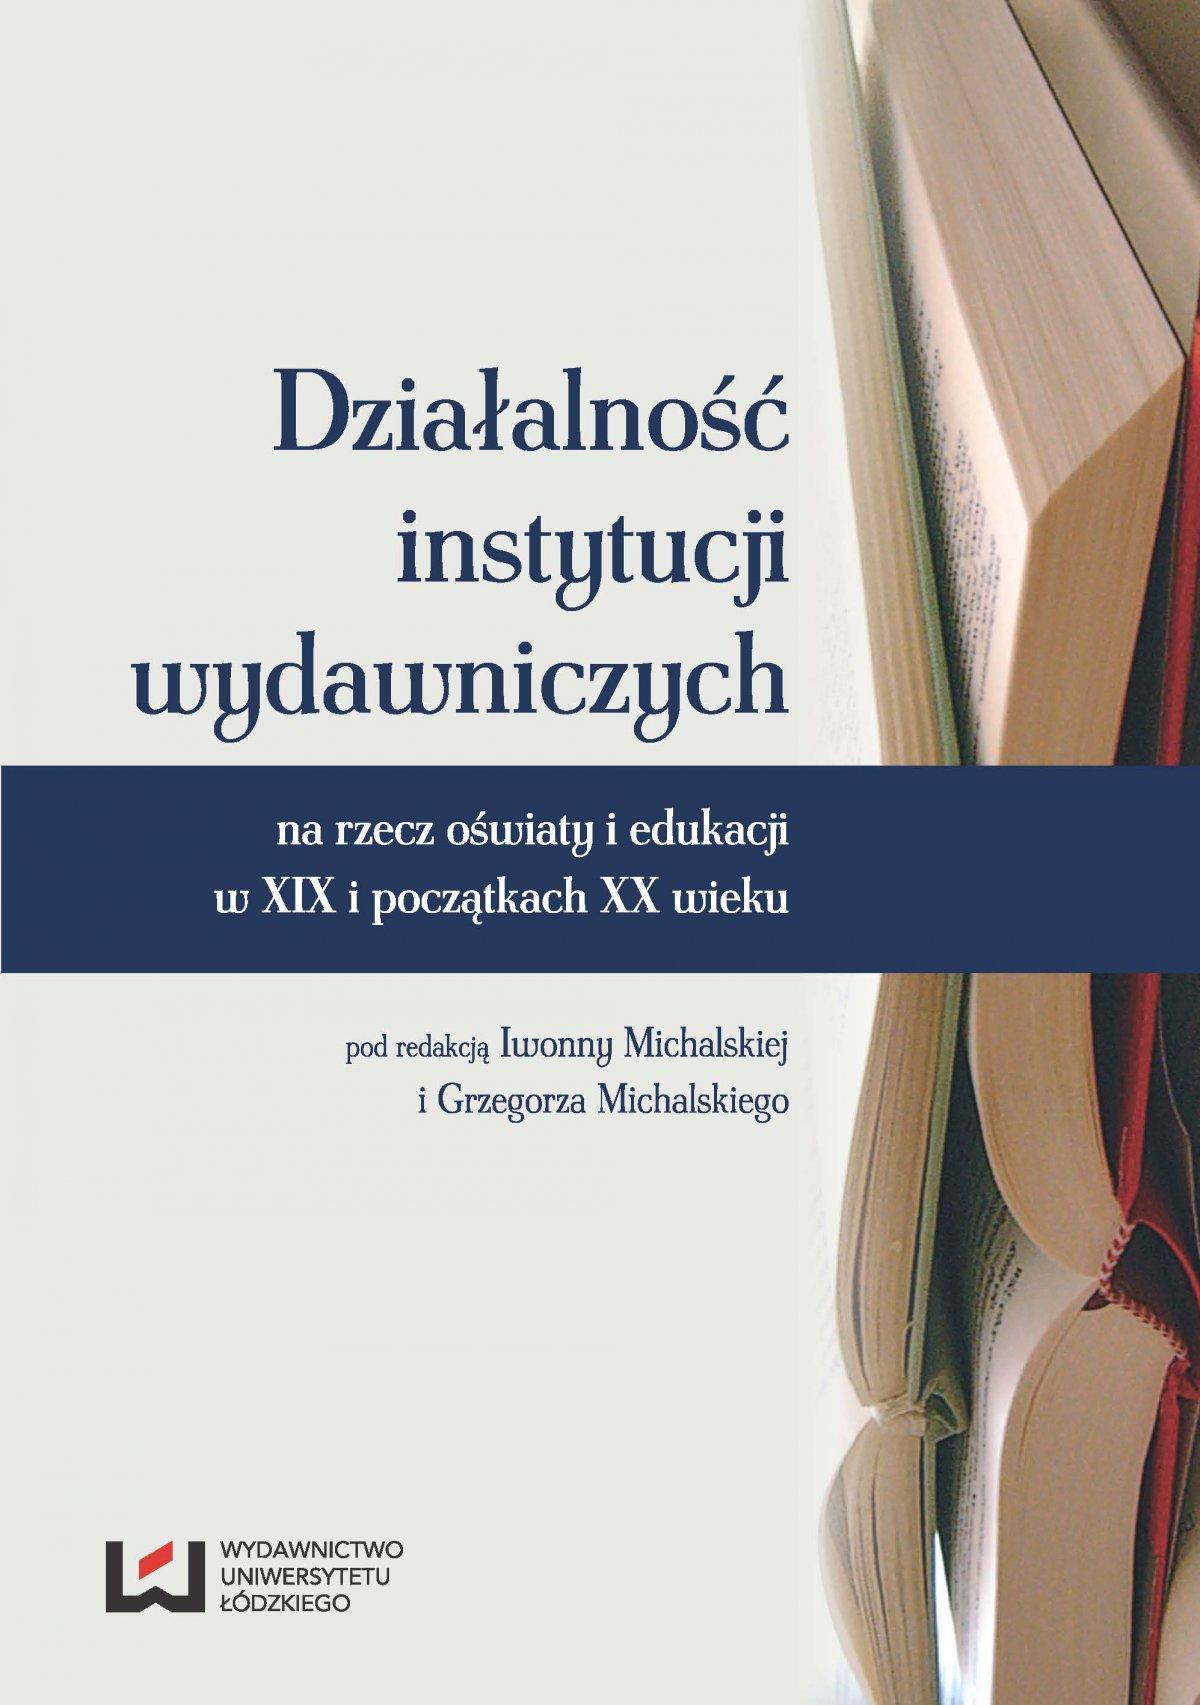 Działalność instytucji wydawniczych na rzecz oświaty i edukacji w XIX i początkach XX wieku - Ebook (Książka PDF) do pobrania w formacie PDF